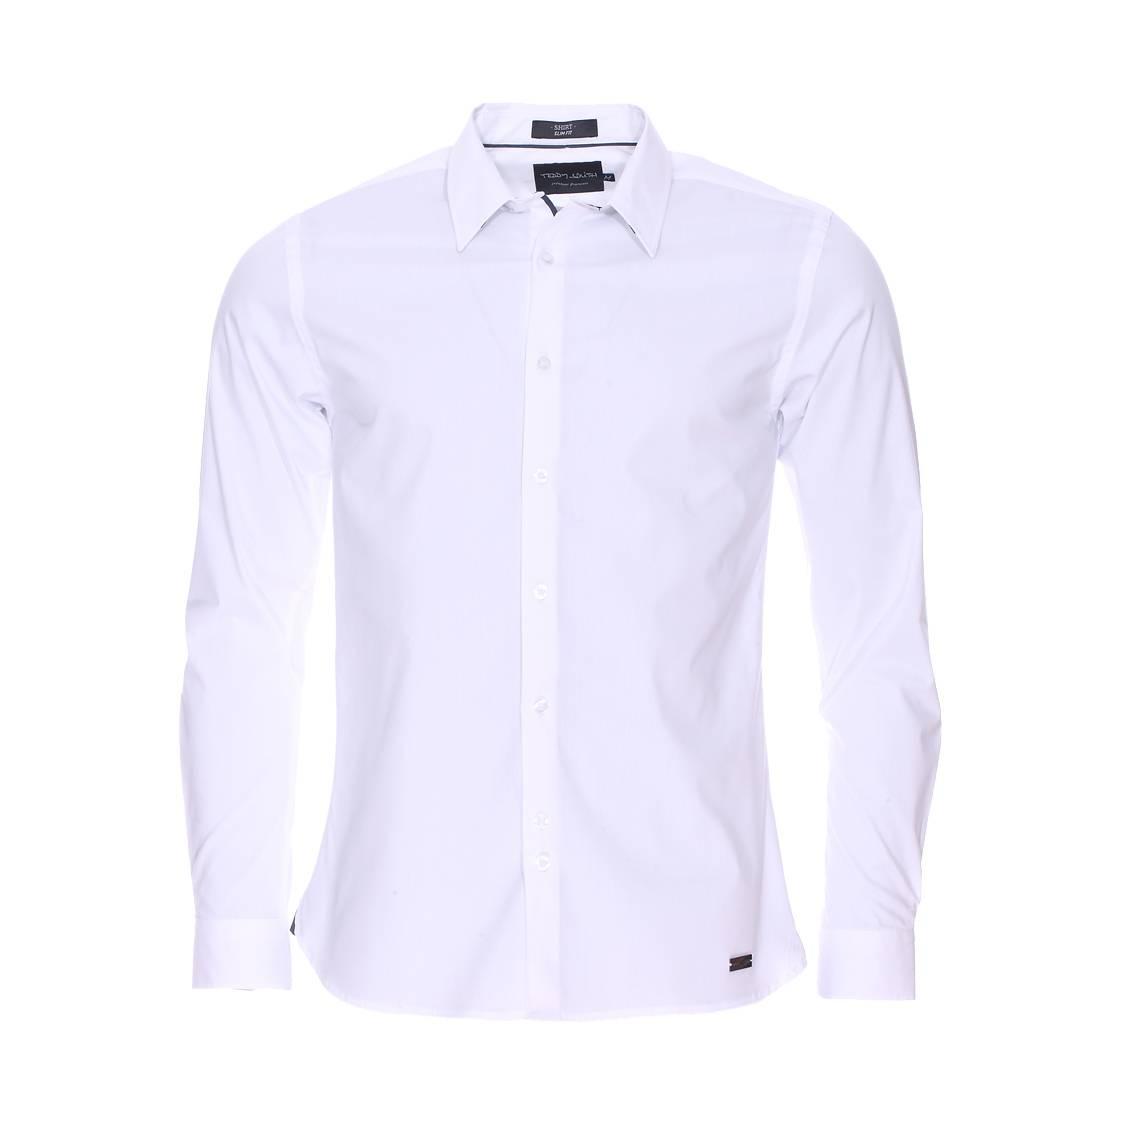 Chemise cintrée Clovis Teddy Smith en coton stretch blanc   Rue Des ... f6c332d49500